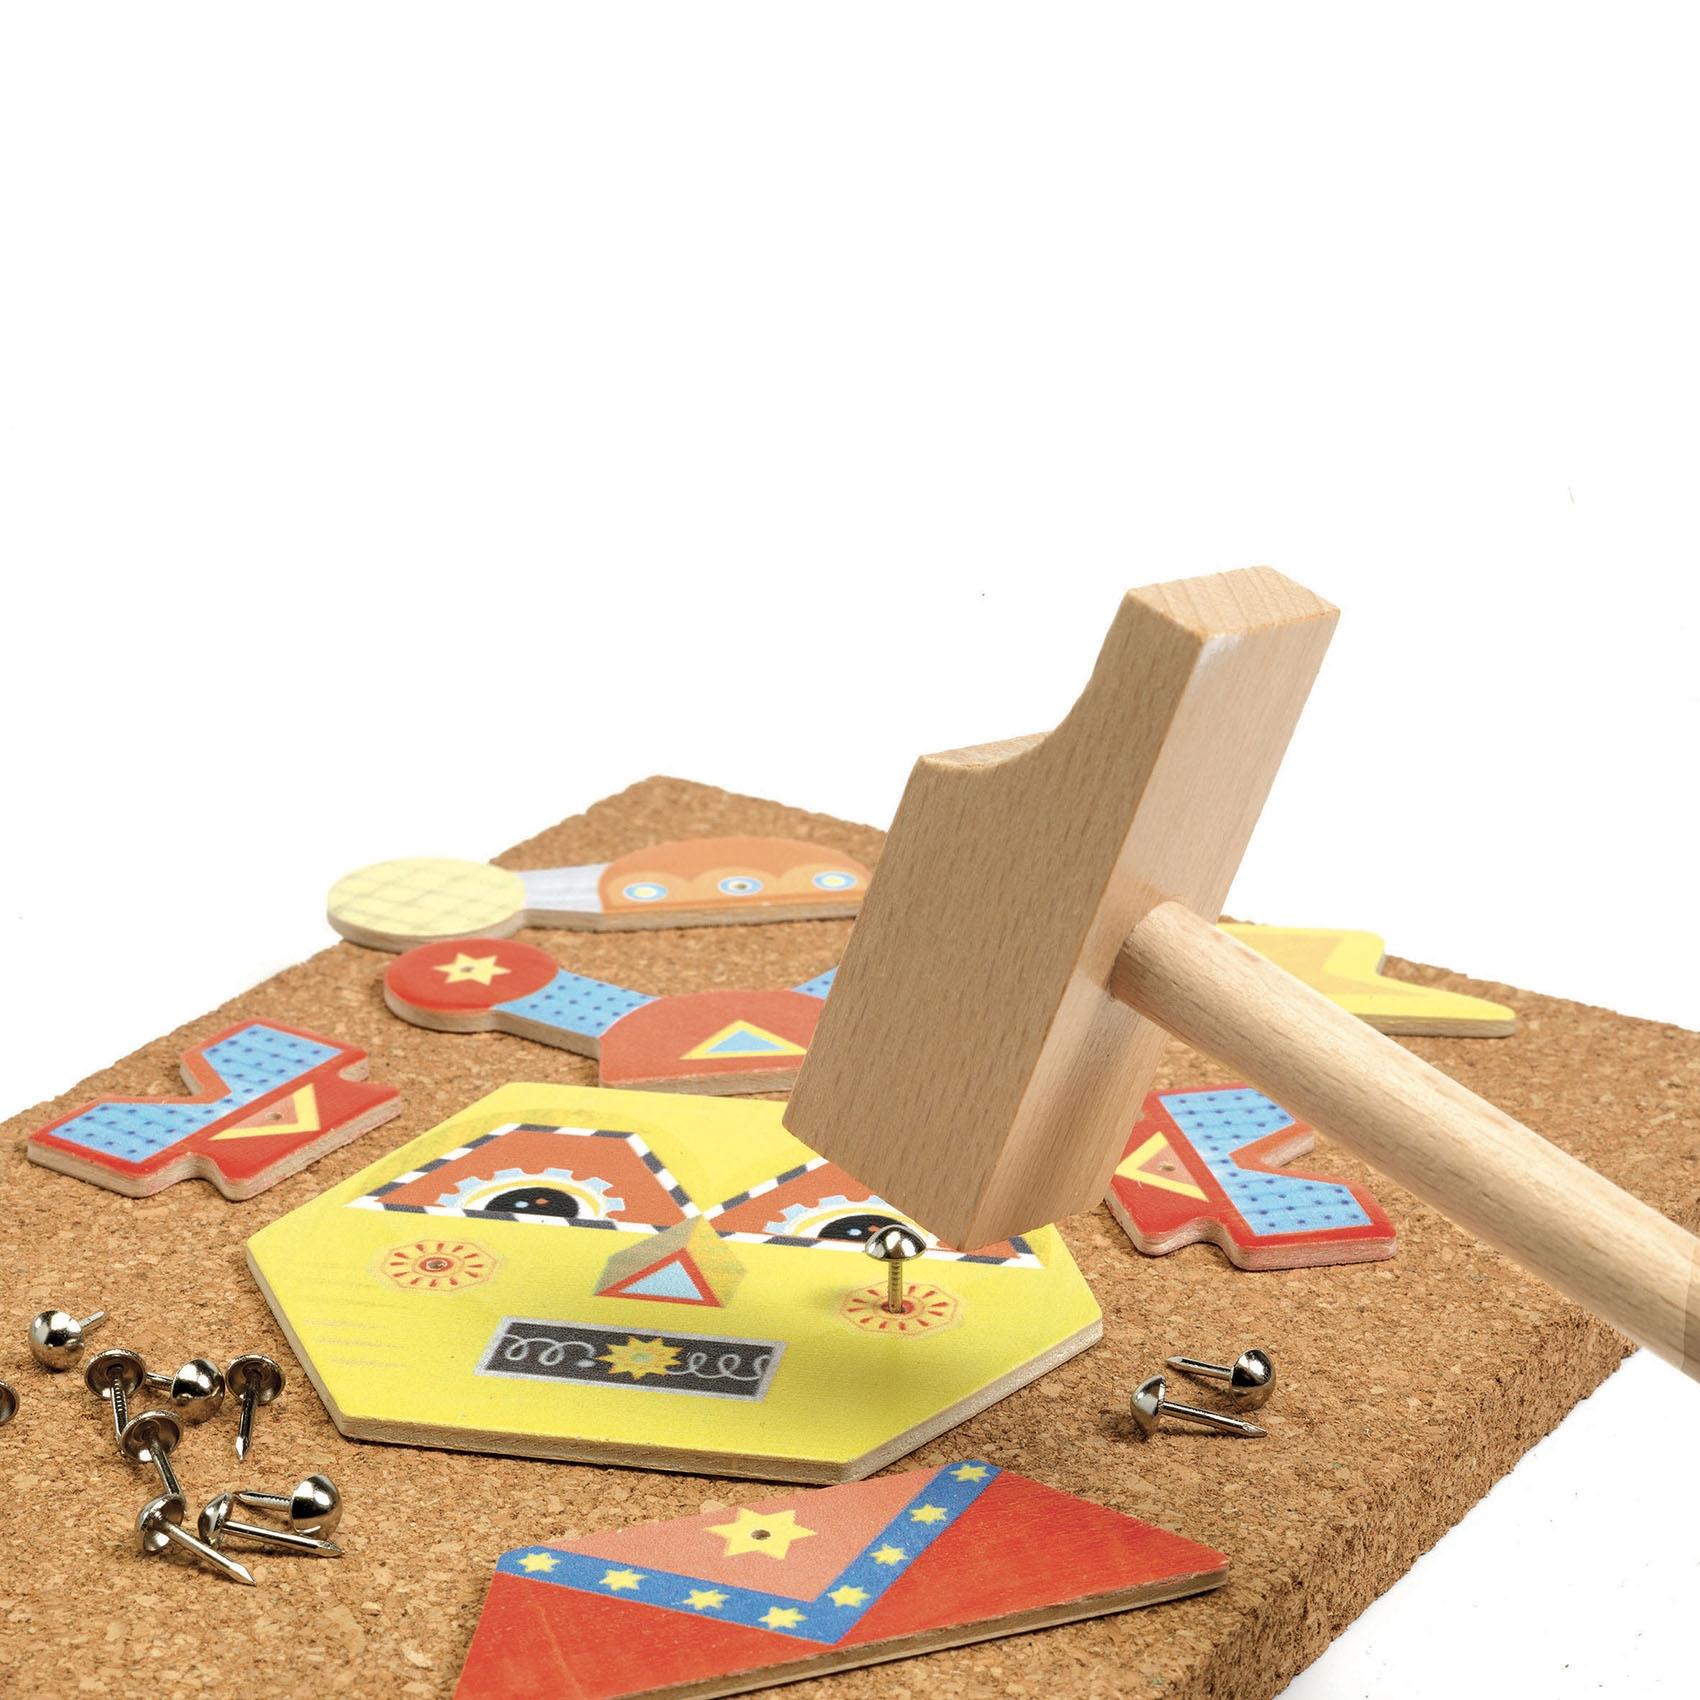 Kalapálós játék - Kip-kop robot - Tap tap Robots  - 2